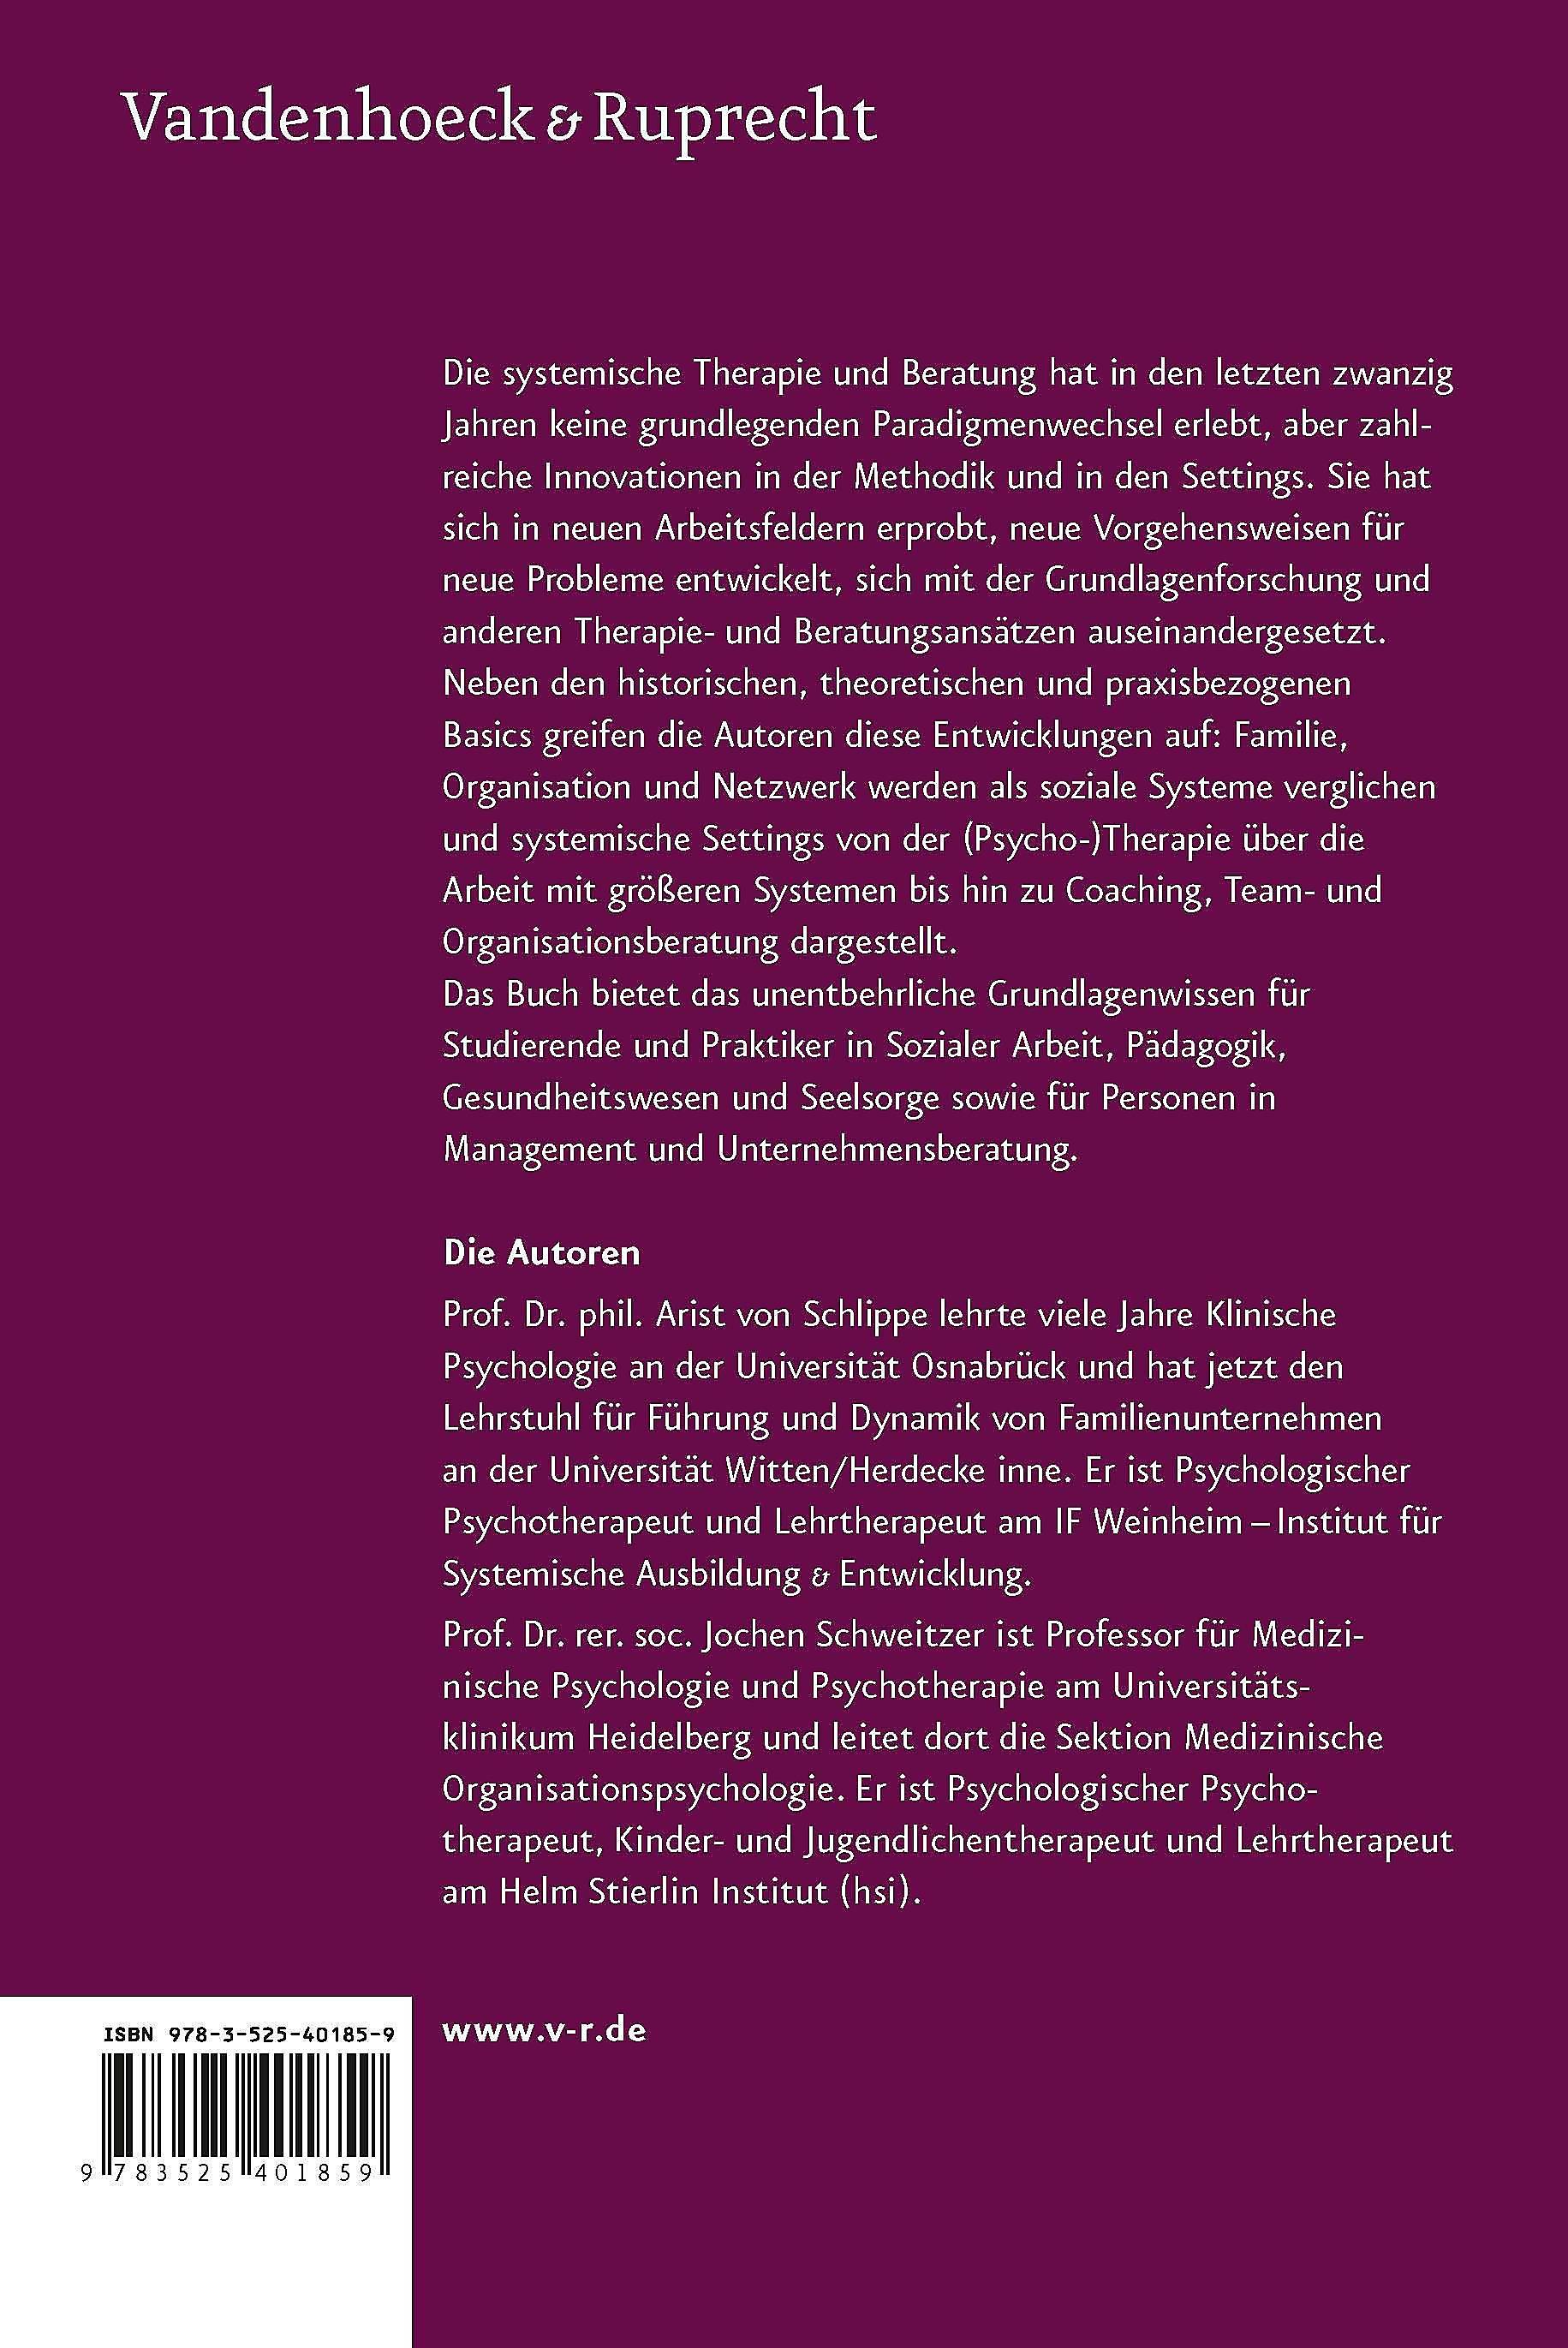 ebook magazine scientific american vol 290 no 5